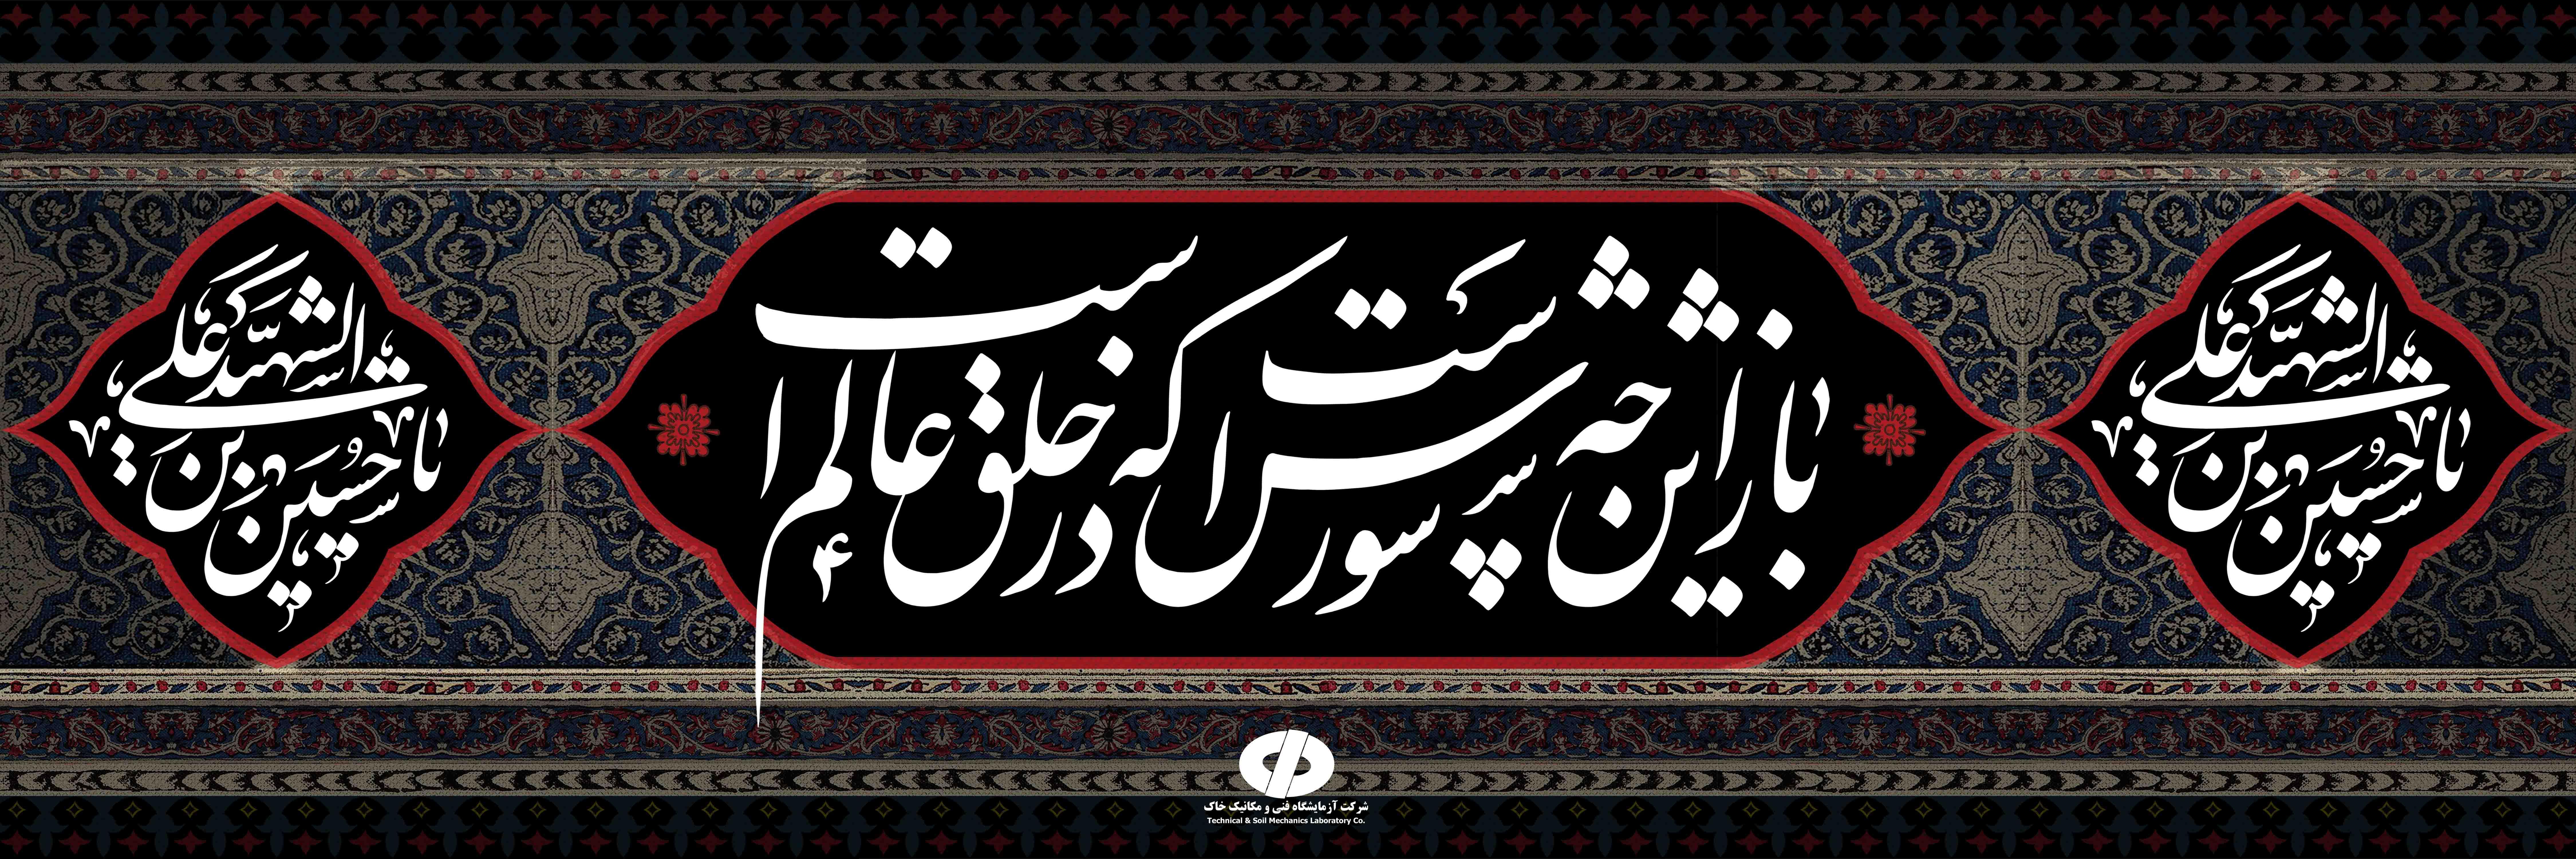 katibe_imam_hossein